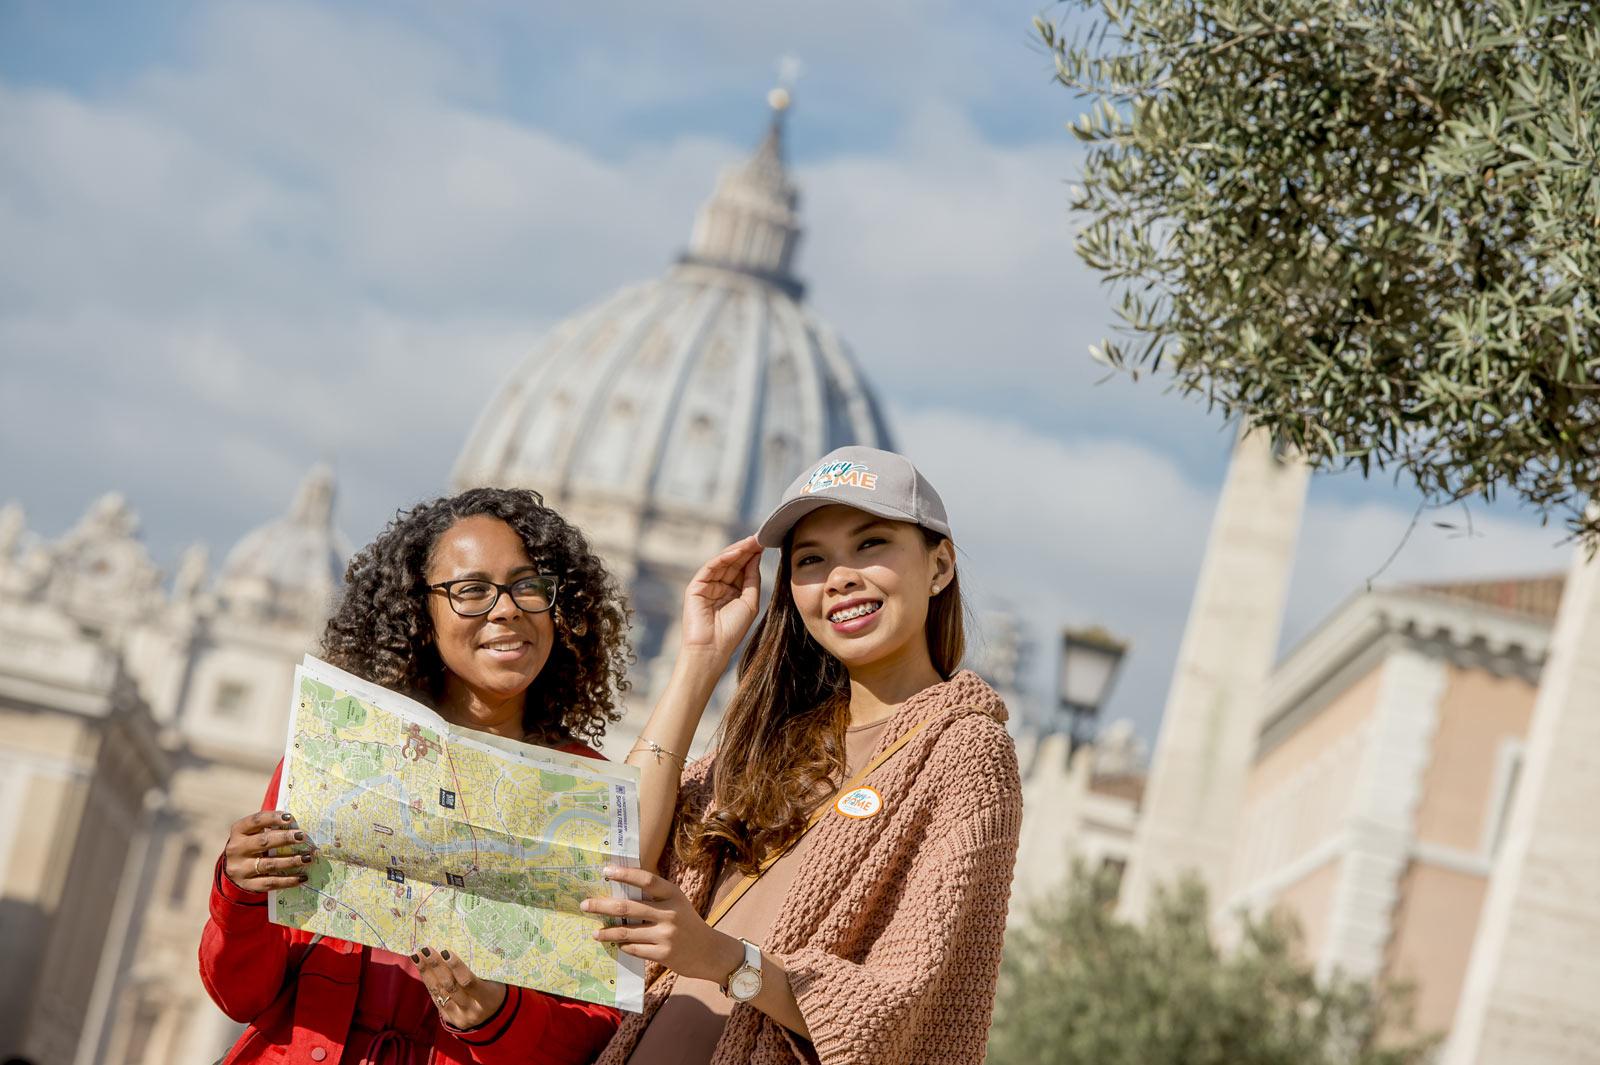 Ne faites pas les files d'attentes et prenez plus de temps pour visiter les endroits les plus appréciés de Rome et du monde – Les Musées du Vatican, la Chapelle Sixtine et la Basilique Saint-Pierre.